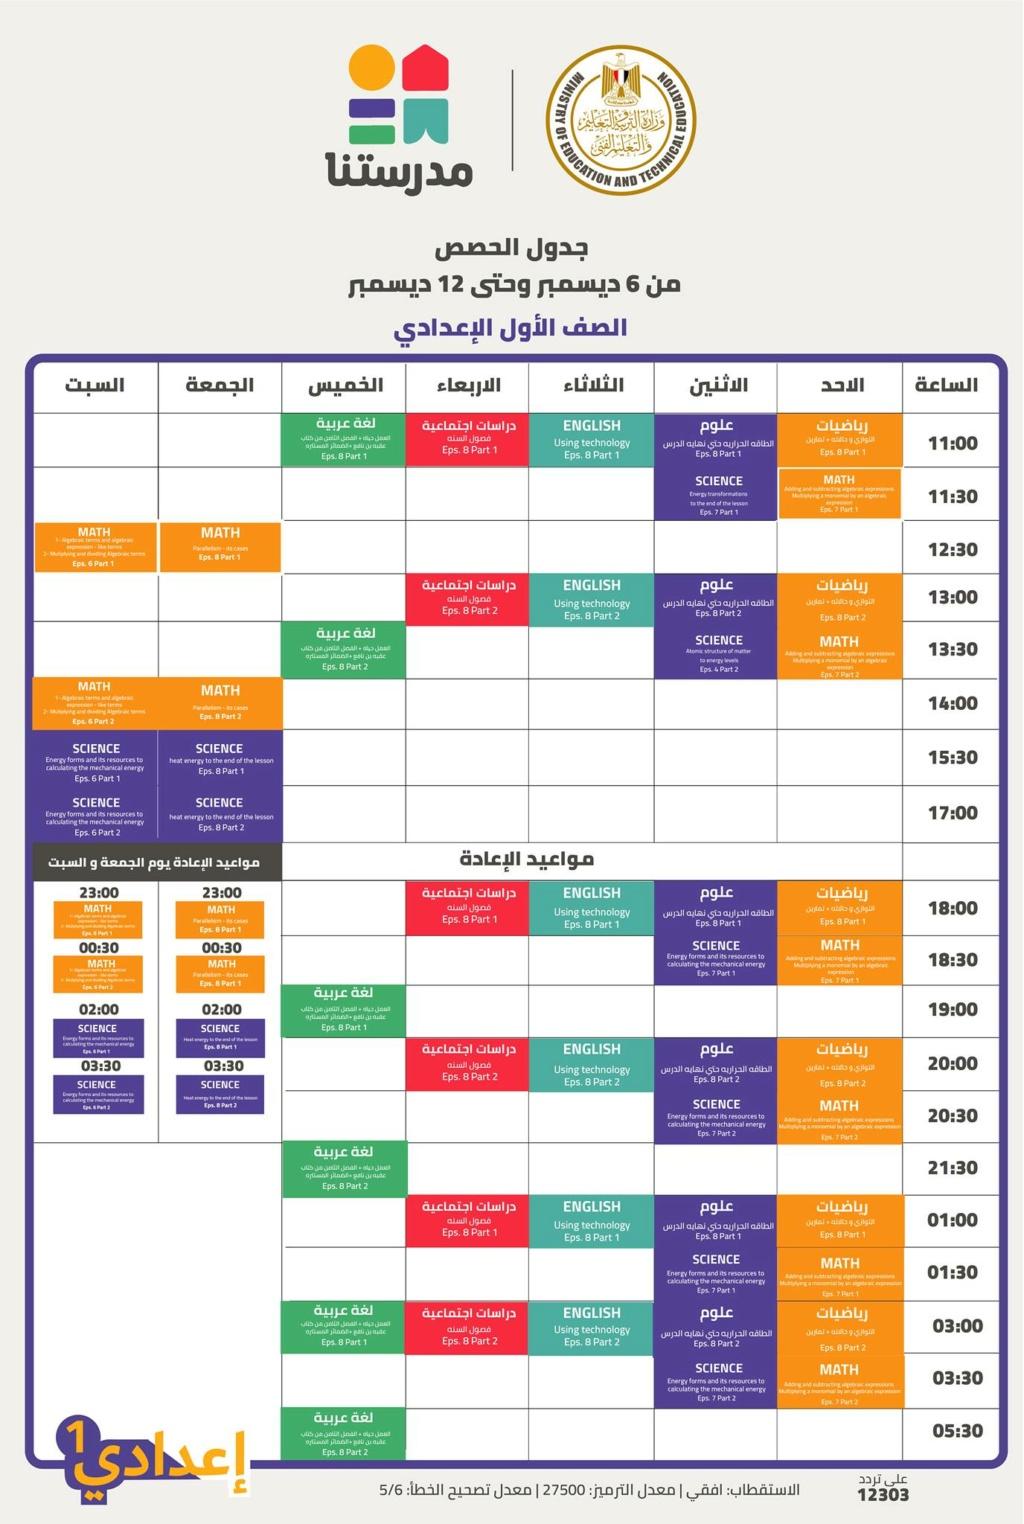 جدول حصص قناة مدرستنا الأسبوع الثامن لصفوف المرحلتين الابتدئية والاعدادية 41486